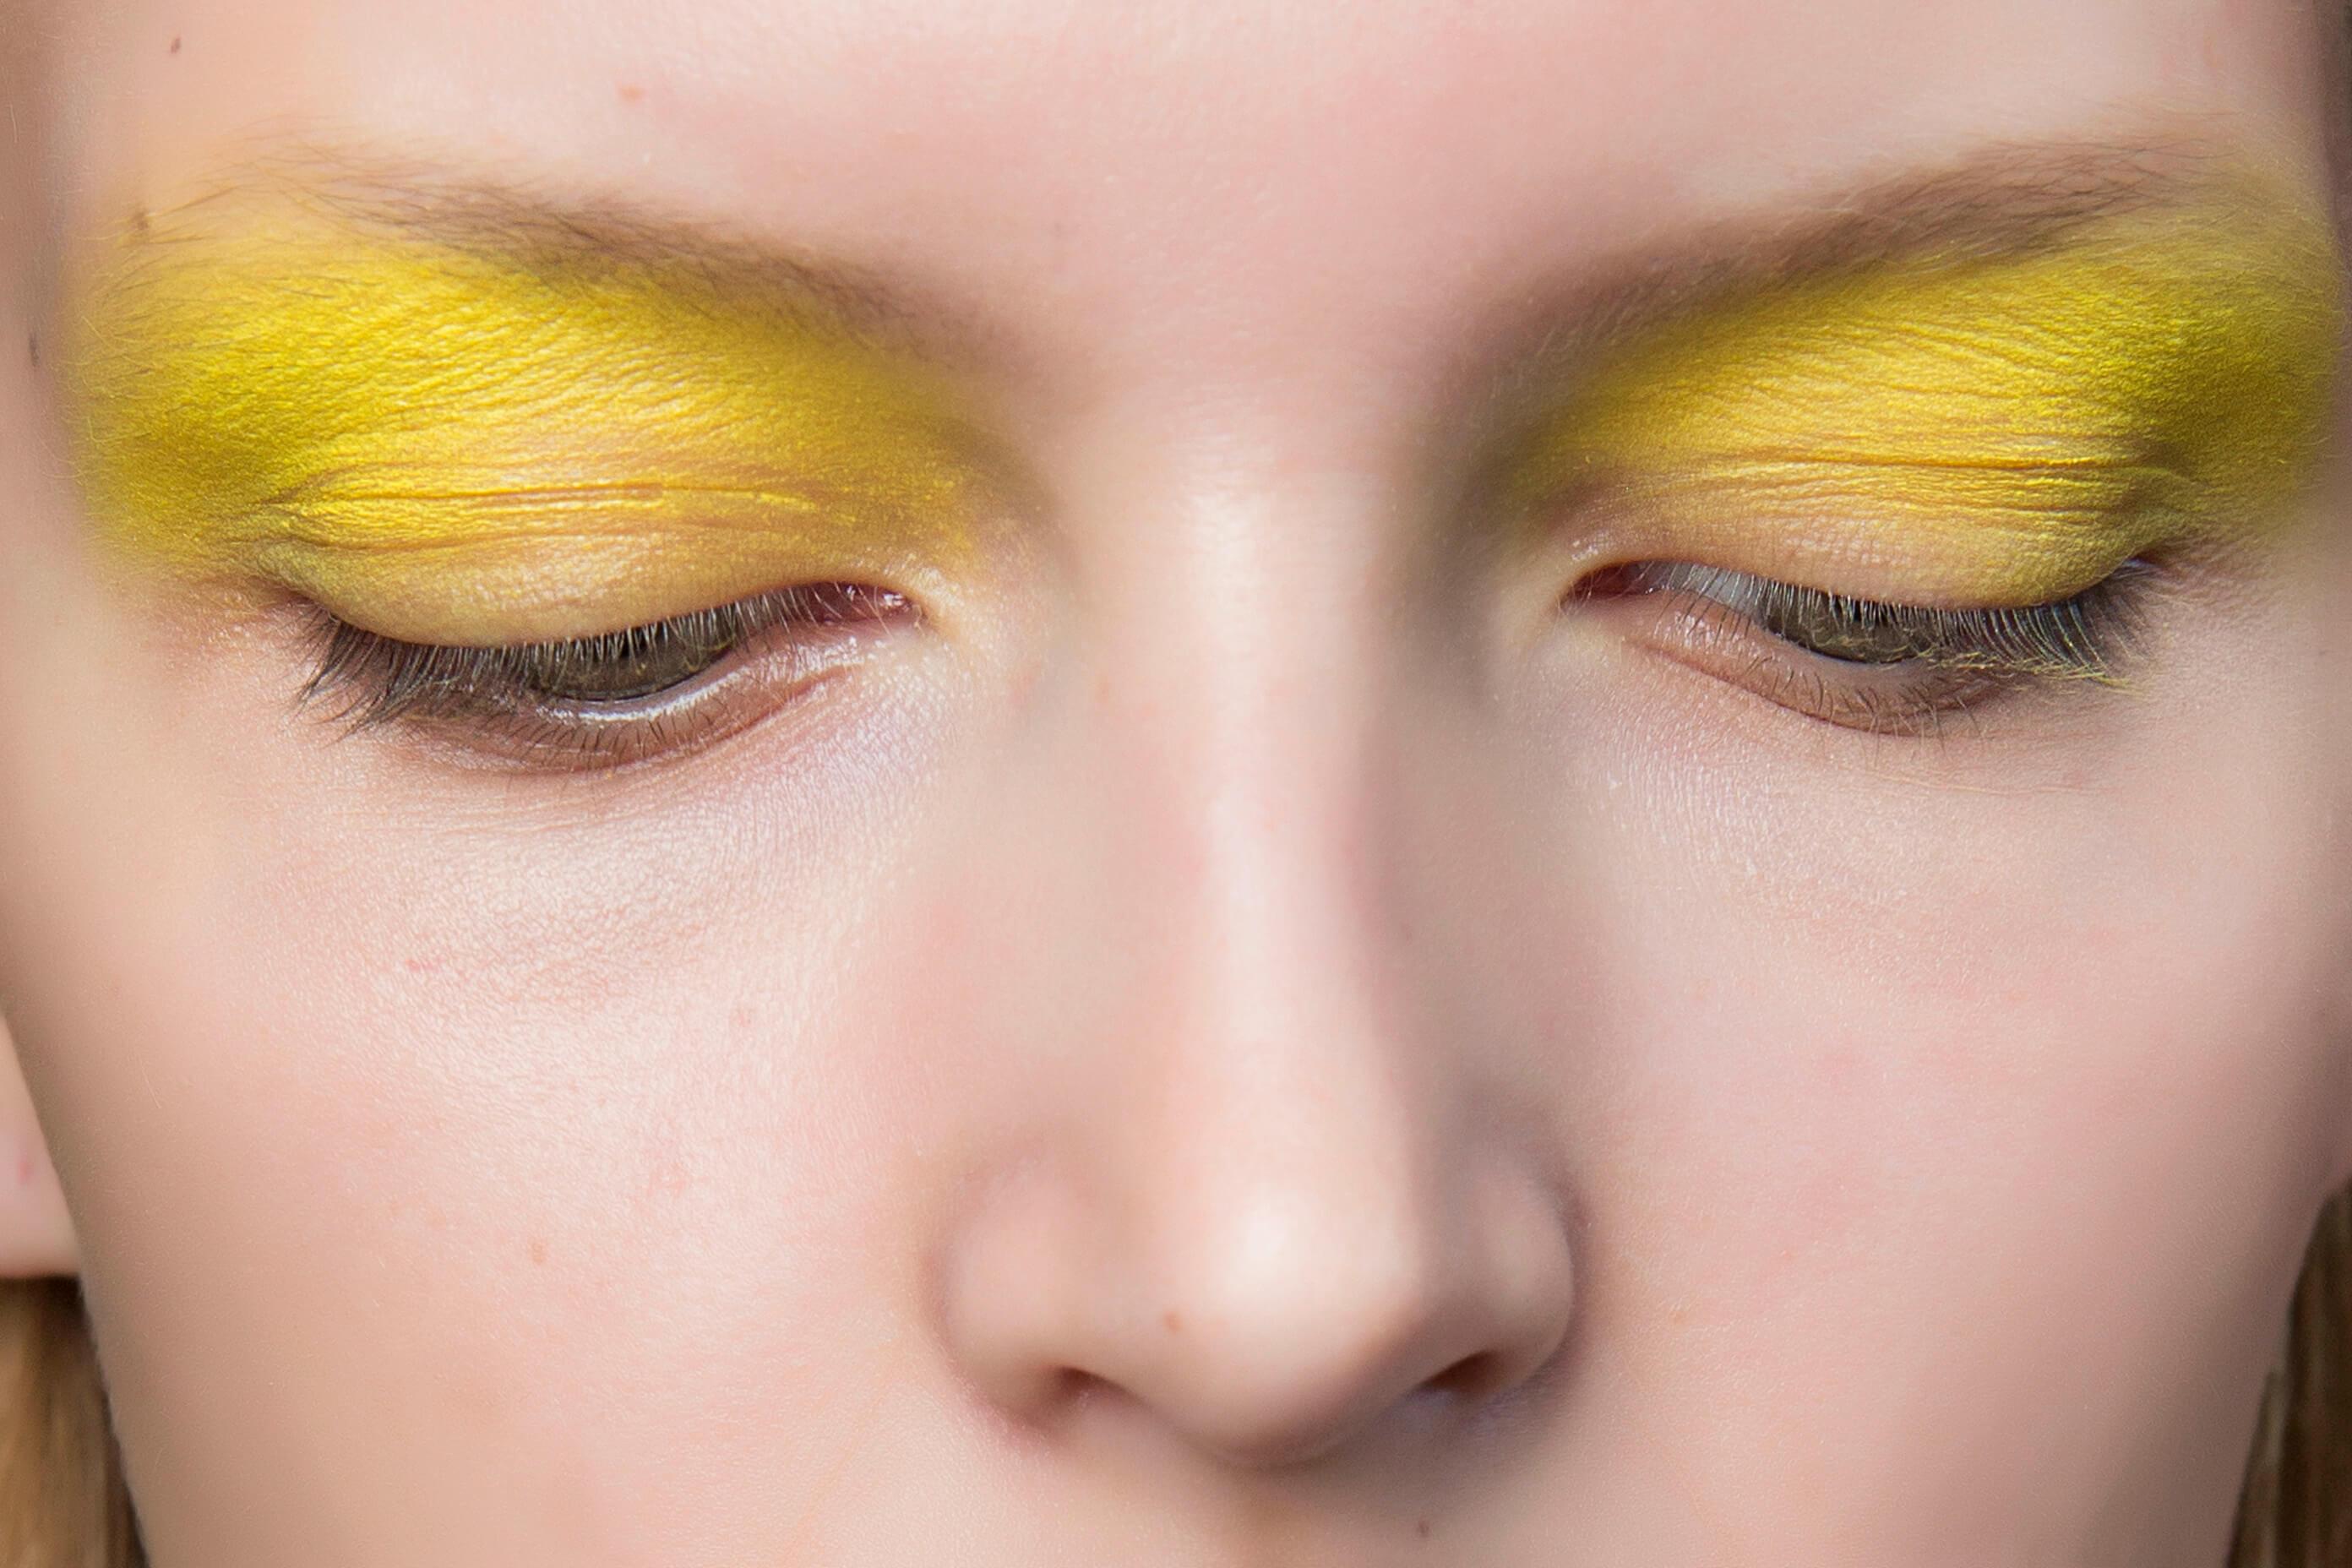 żółte oko